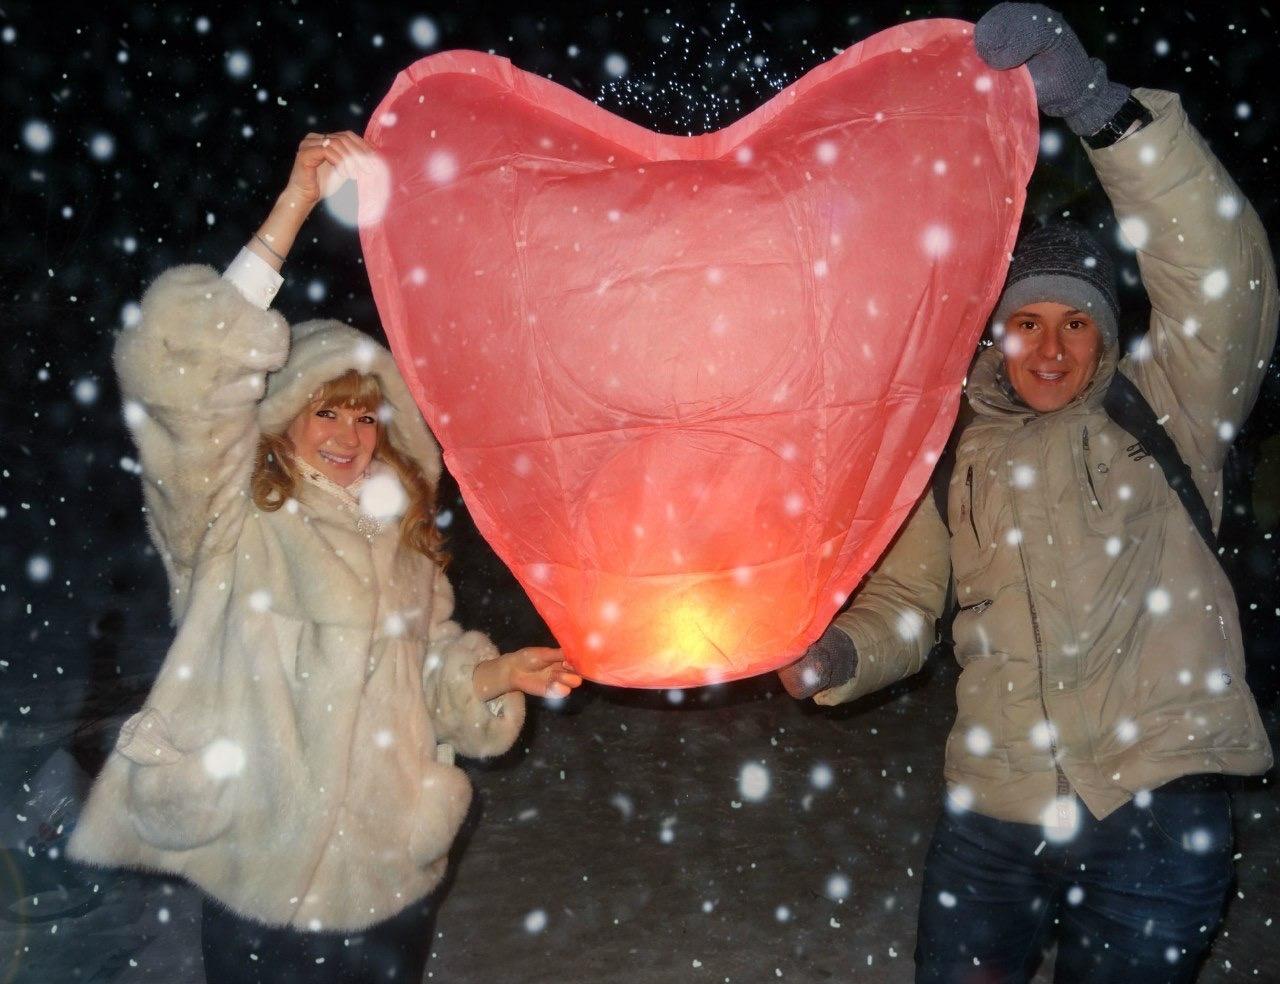 В новогоднюю ночь пара отметила 10 лет со дня знакомства, а в 2017 году Сергей сделал любимой предложение